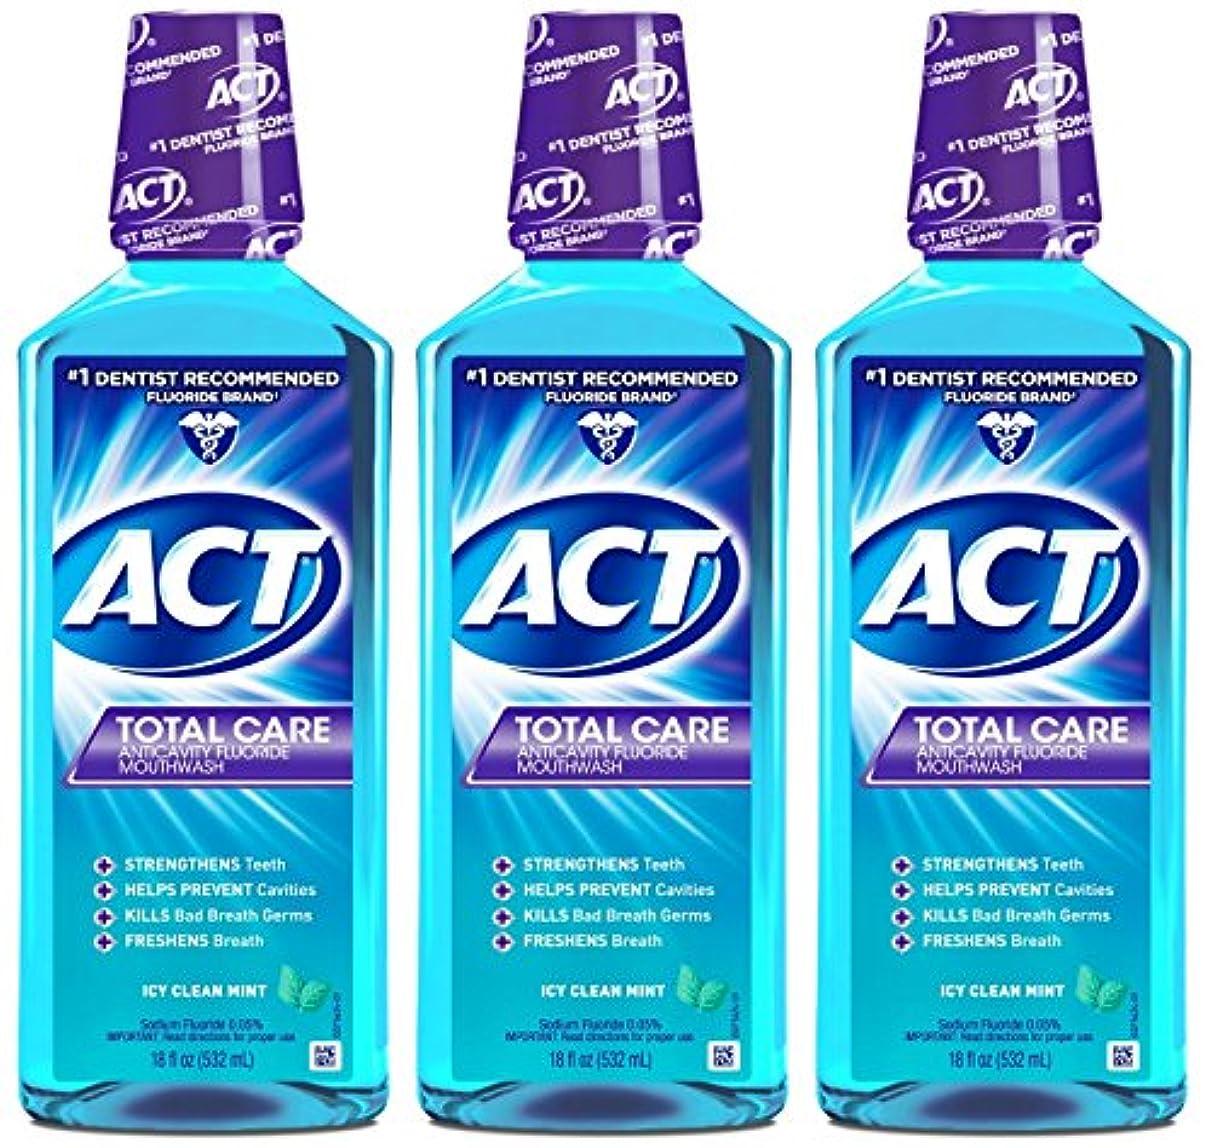 ナチュラチャレンジ劇場ACT トータルケア虫歯予防フッ素うがい薬アイシークリーンミント18オンス(4パック) 4パック